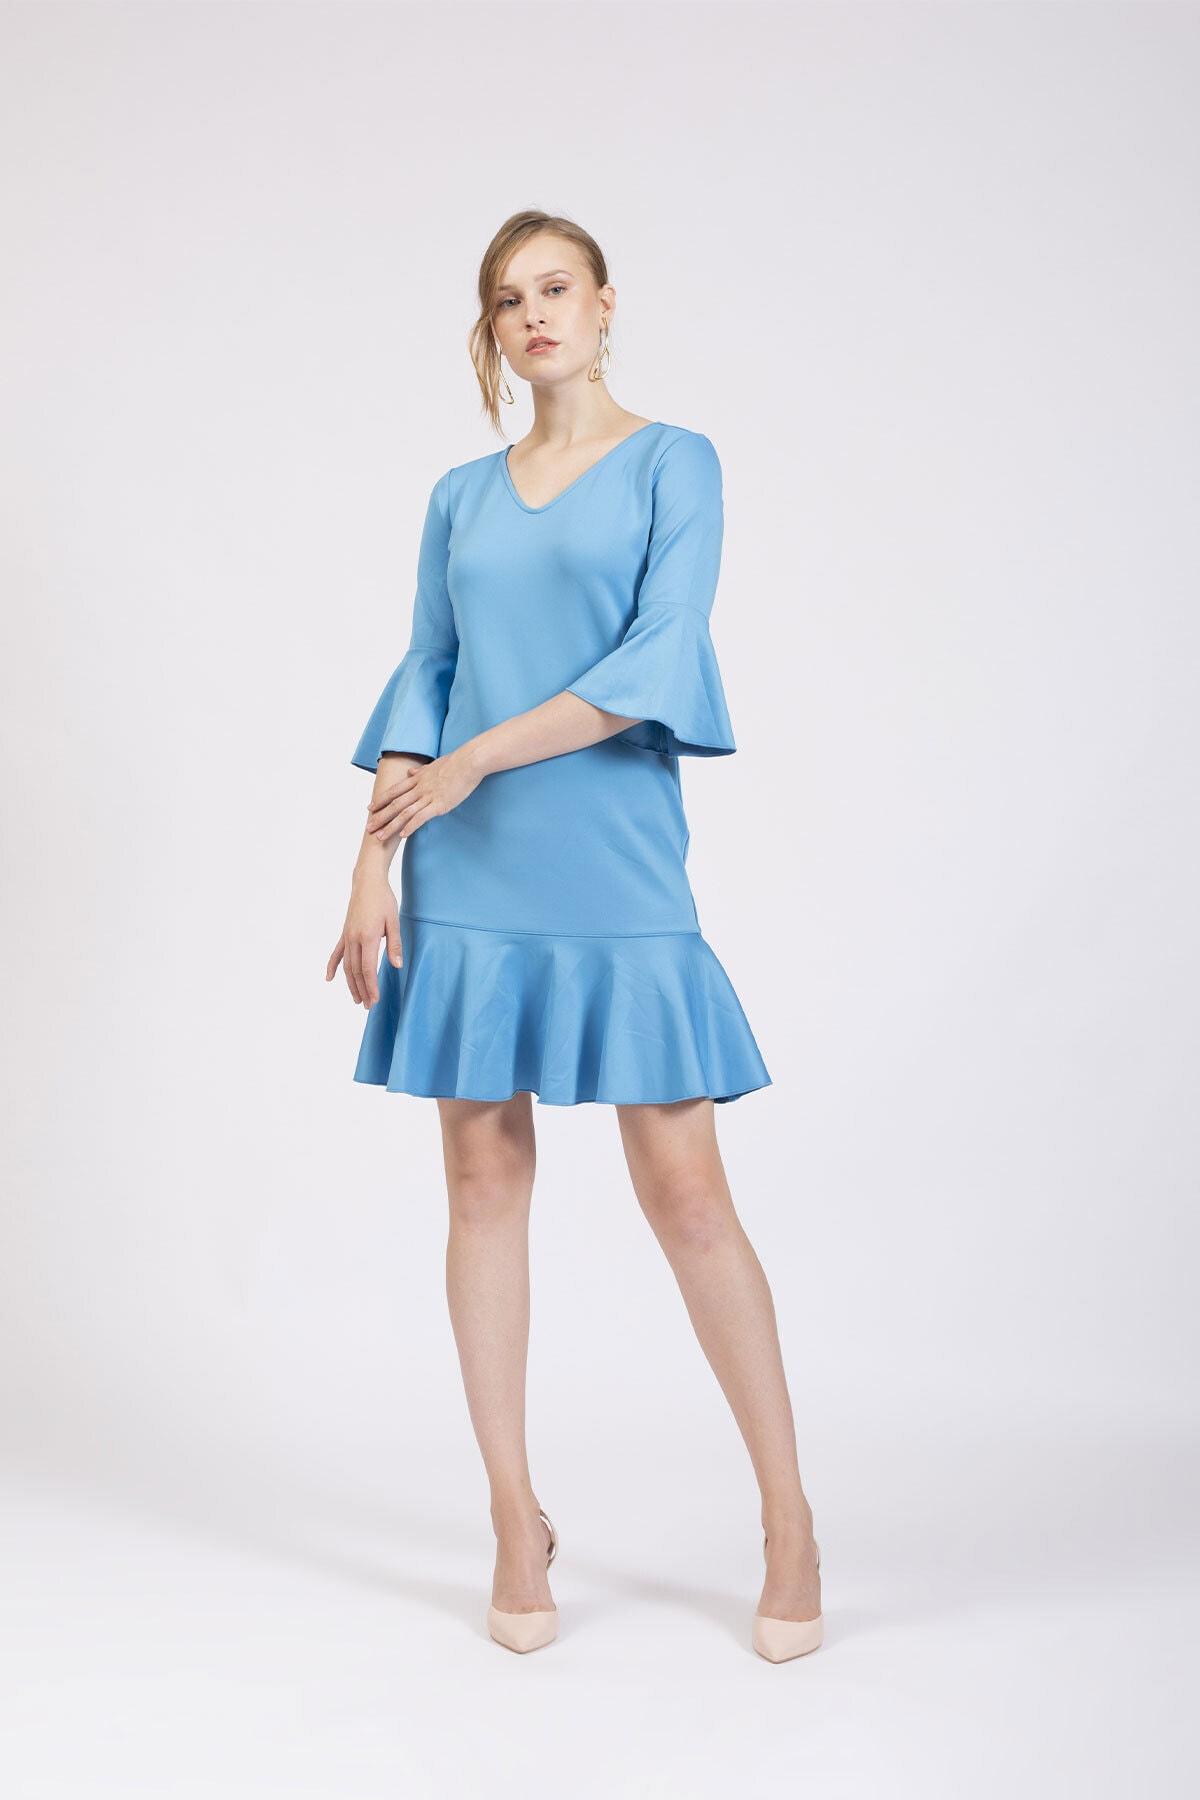 Hanna's by Hanna Darsa Kadın Mavi V Yakalı Kolları Ve Eteği Volanlı Elbise 1